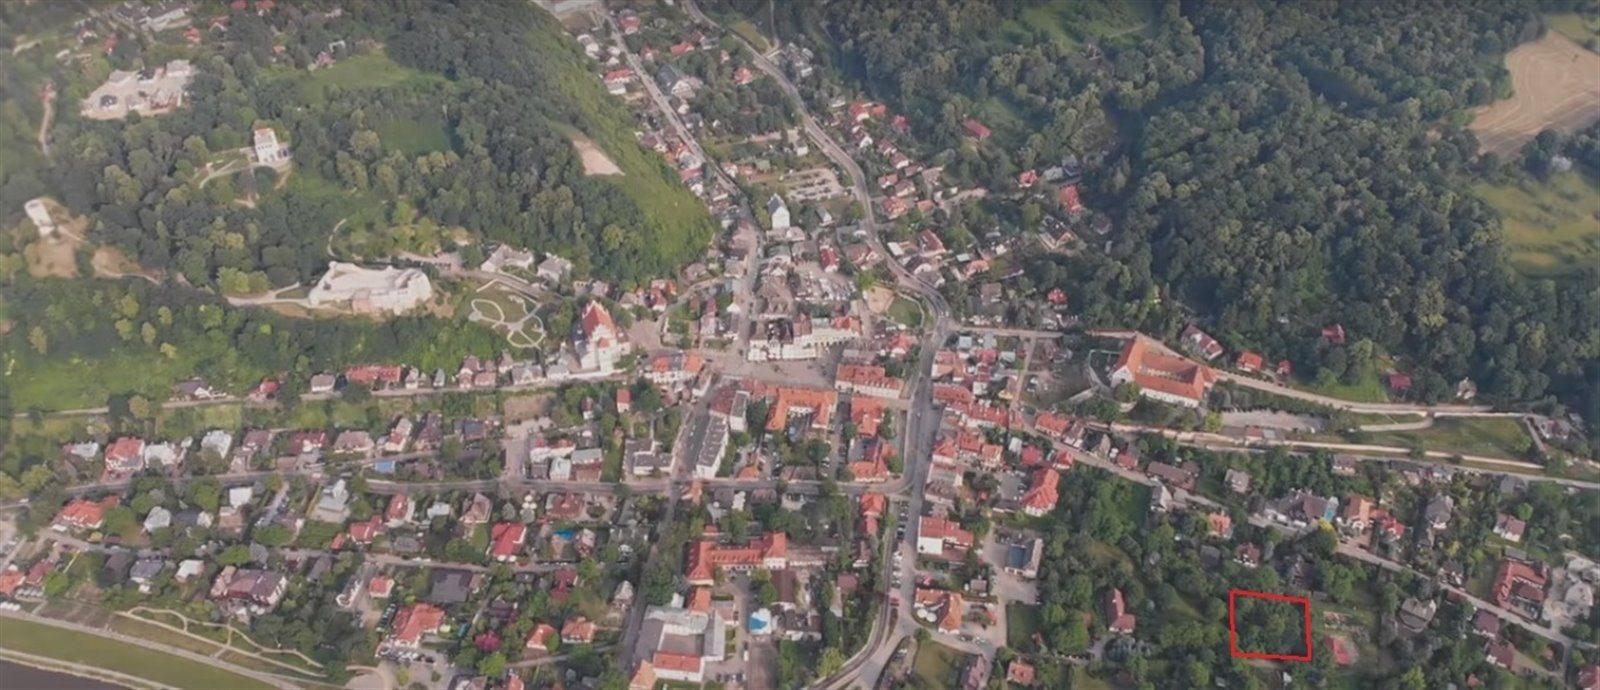 Działka budowlana na sprzedaż Kazimierz Dolny  1731m2 Foto 2